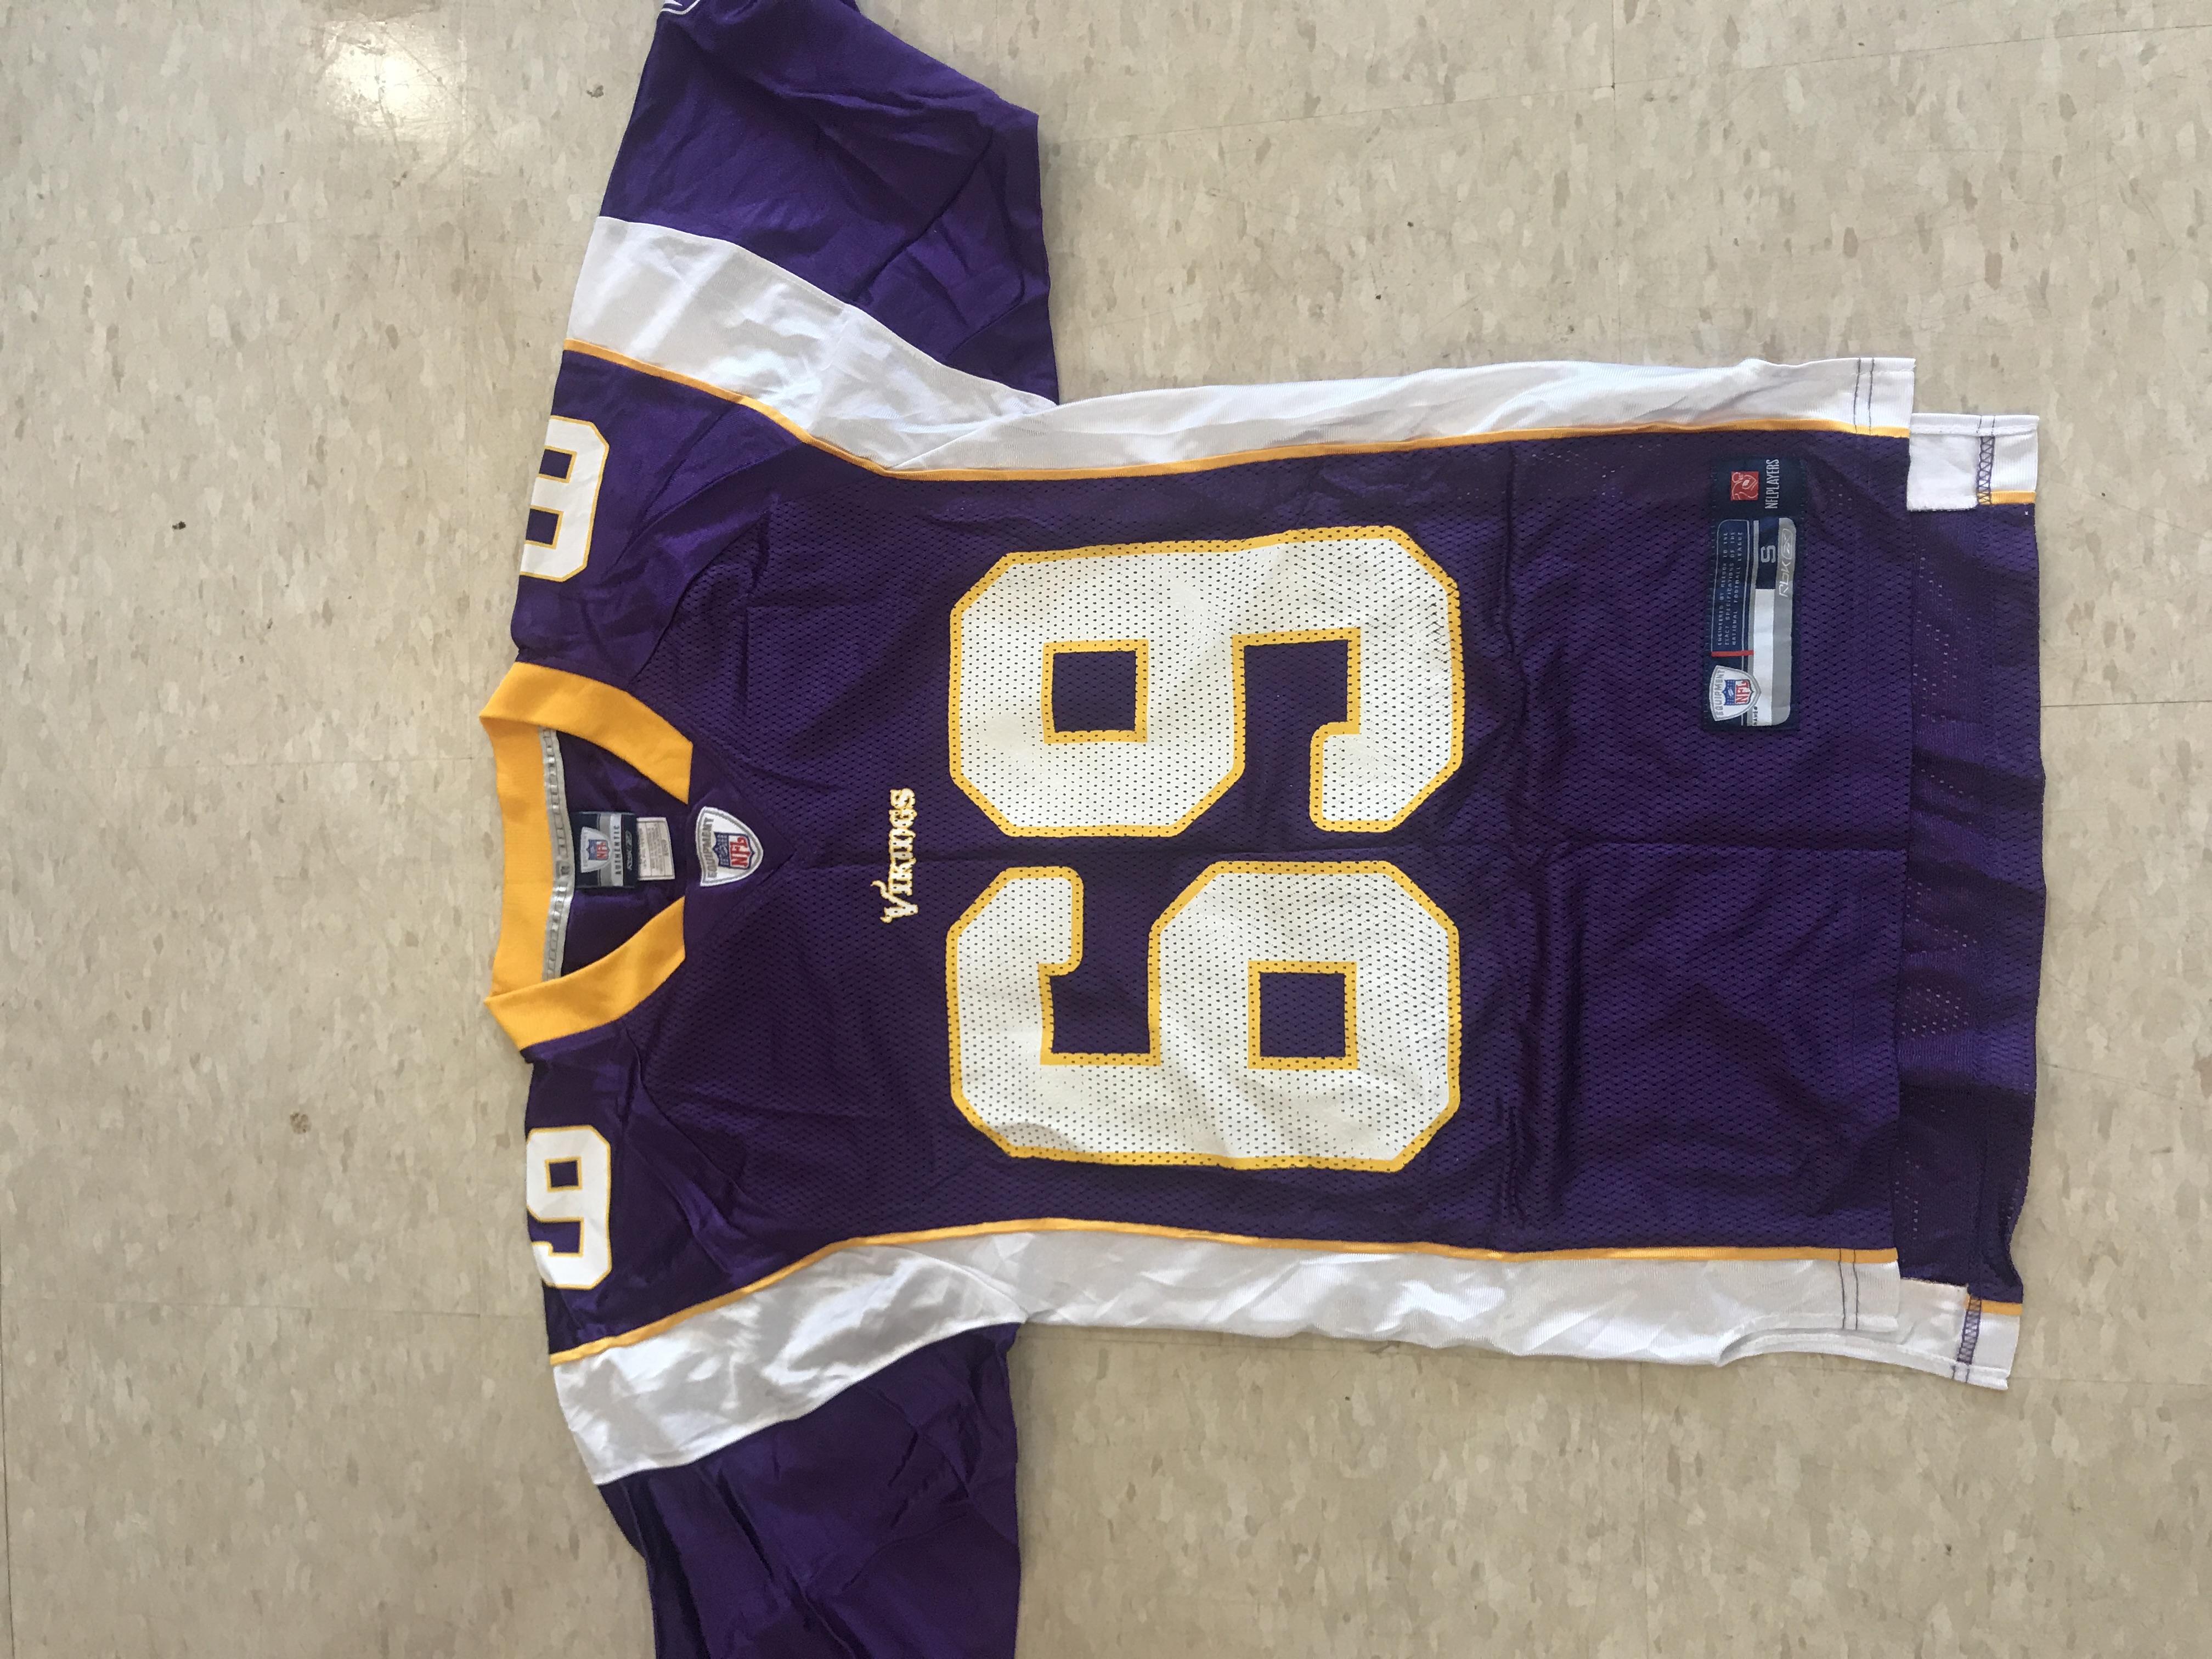 be185f852 Vintage Vintage Jared Allen NFL Minnesota Vikings Jersey Vntg Size m -  Short Sleeve T-Shirts for Sale - Grailed